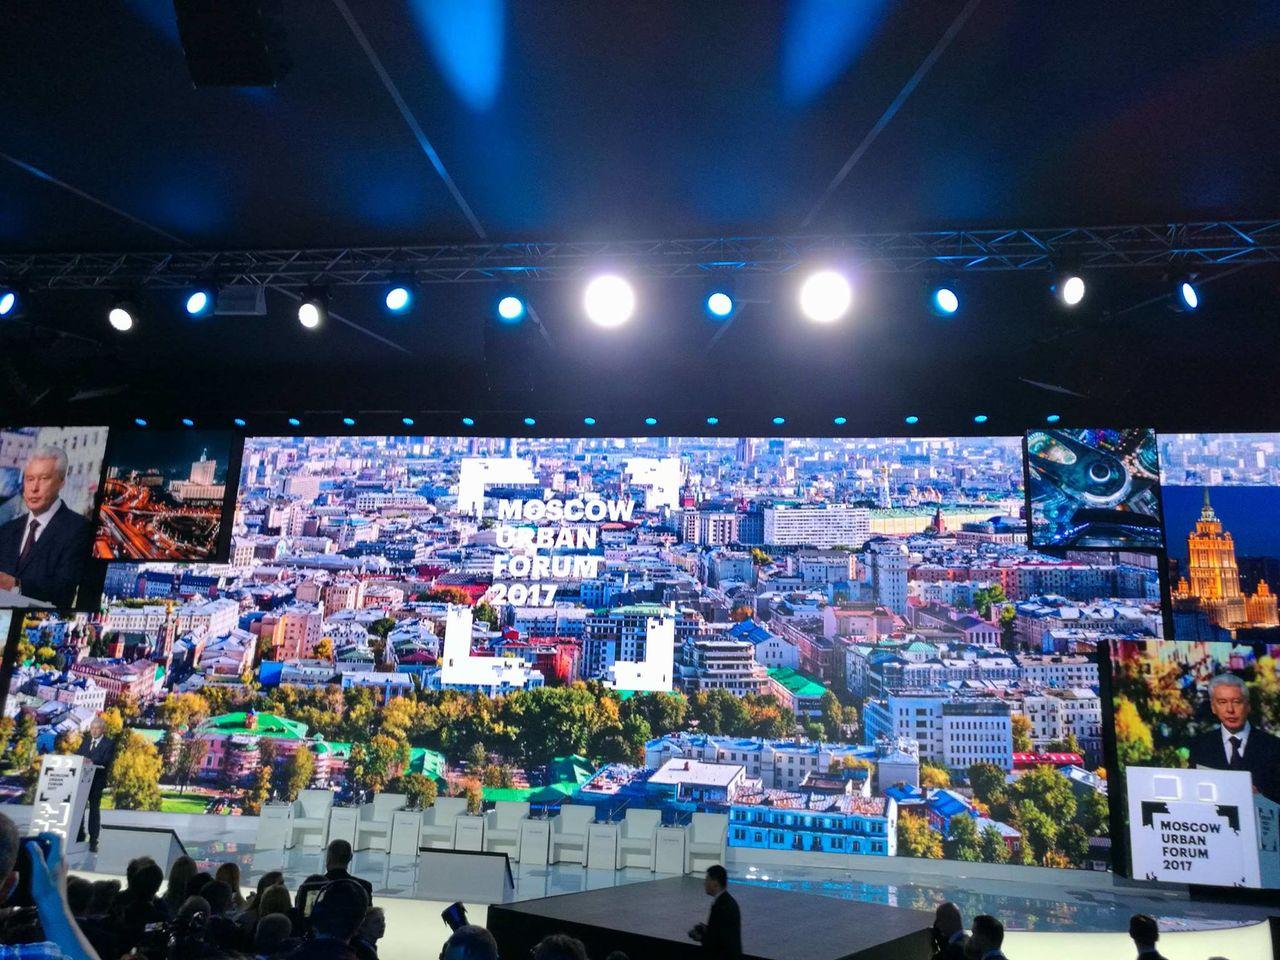 Советники мунсовета Кишинёва примут участие в работе Московского урбанистического форума